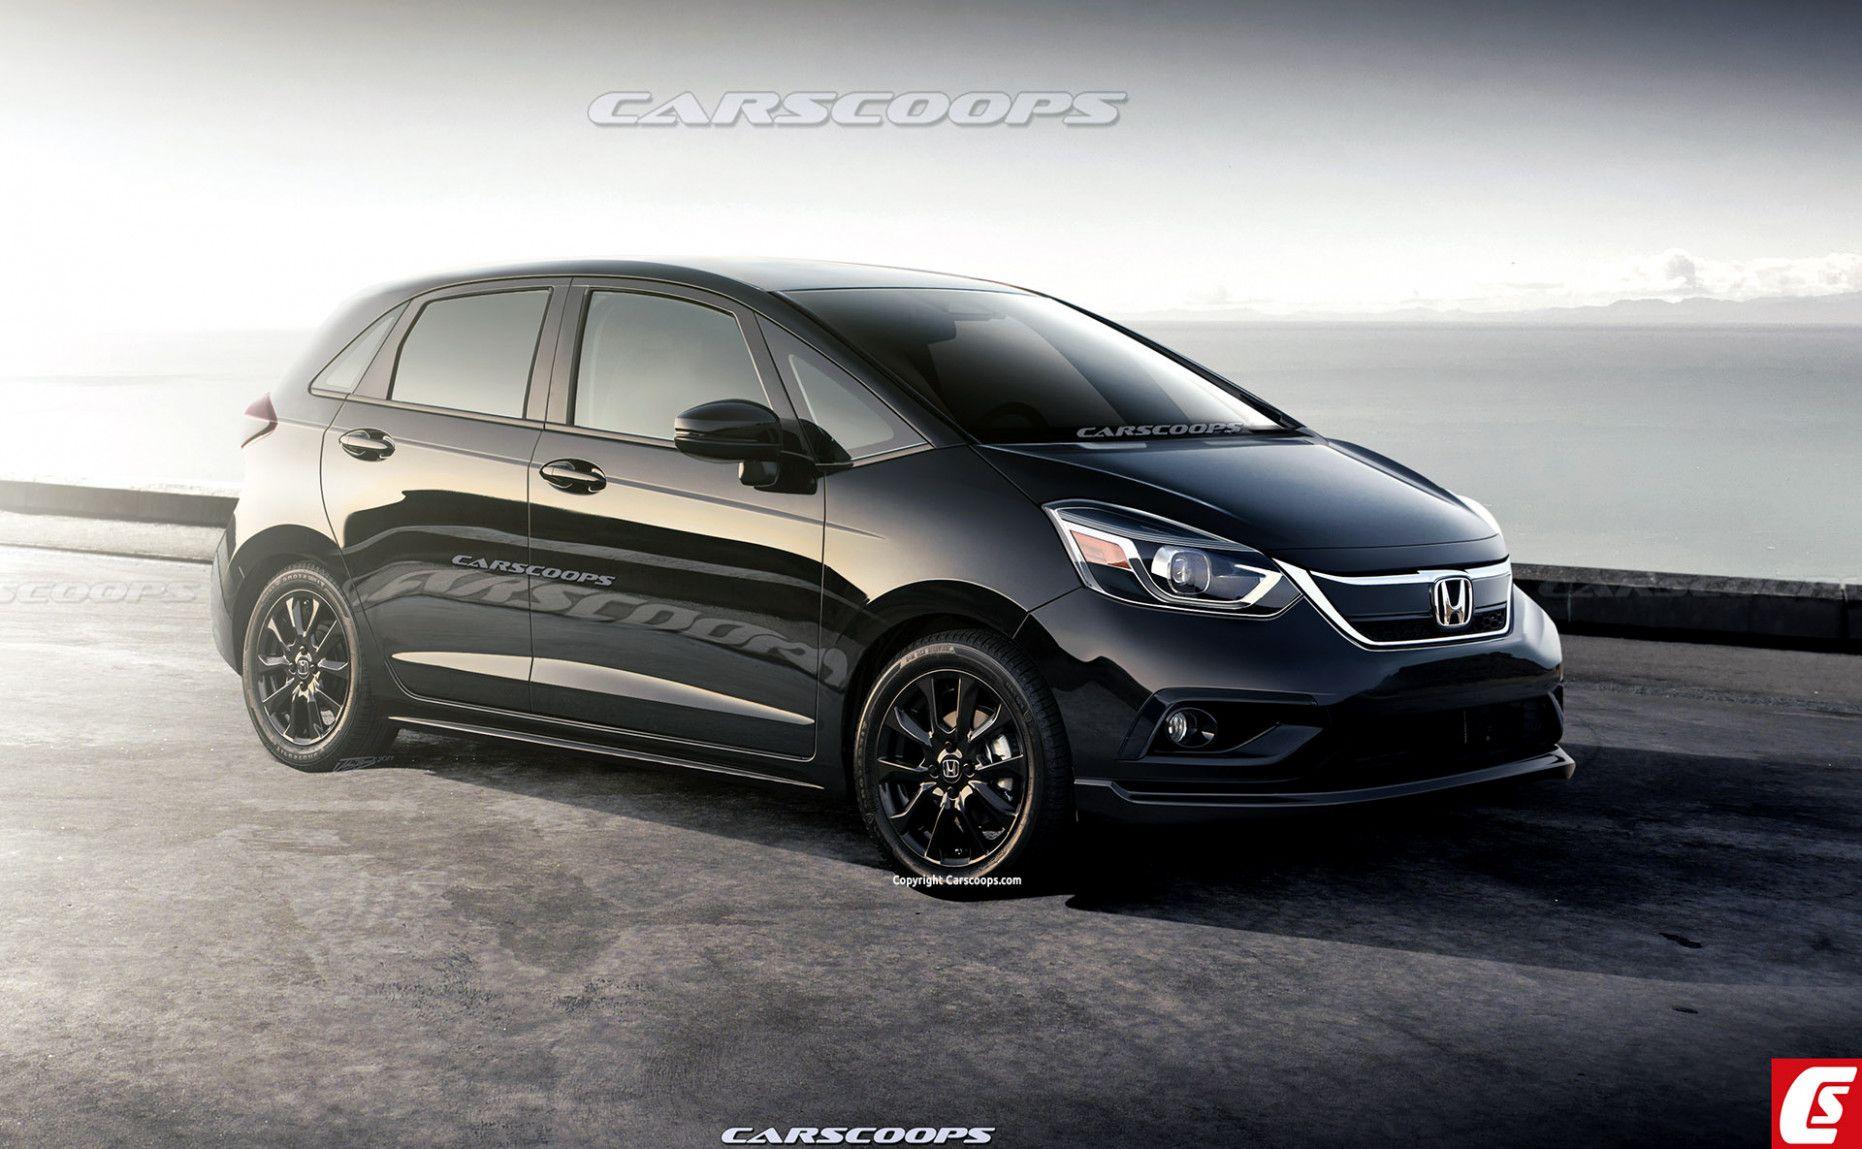 6 Wallpaper Honda Fit 2020 Price In 2020 Honda Fit Honda Honda Jazz